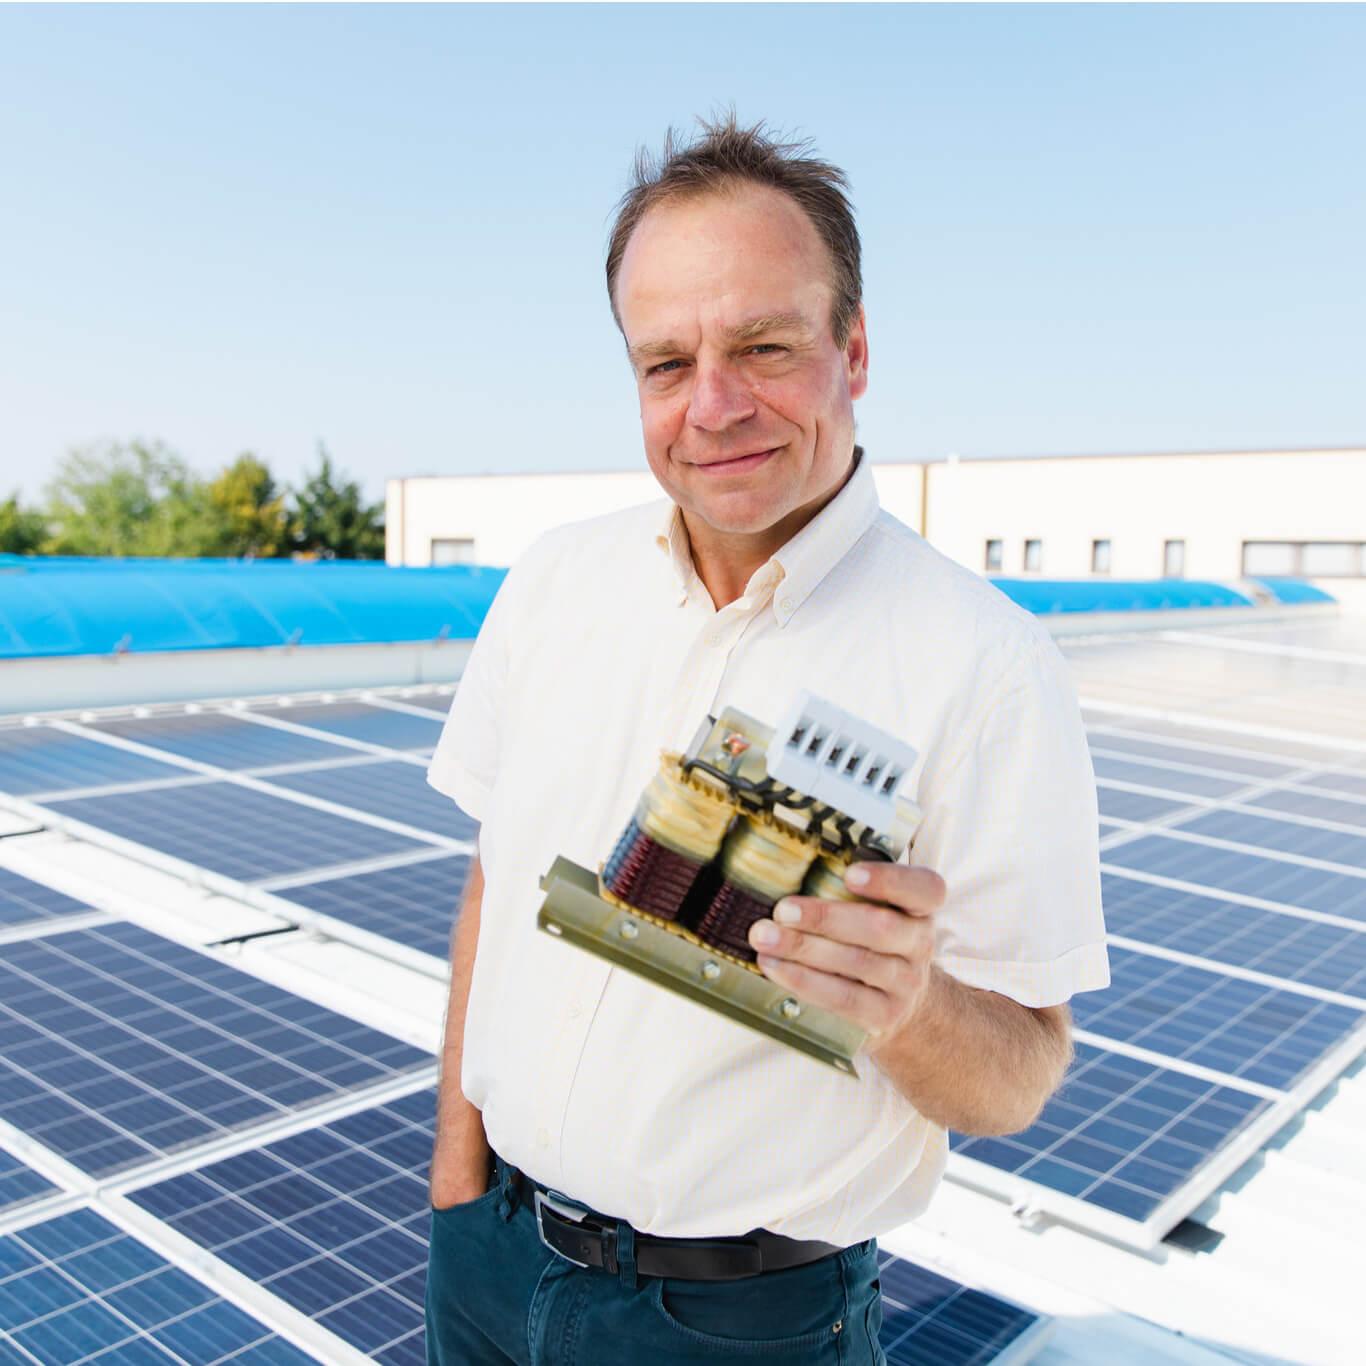 Trafomodern Geschäftsführer Christoph Blum am Dach seiner neuen Photovoltaikanlage